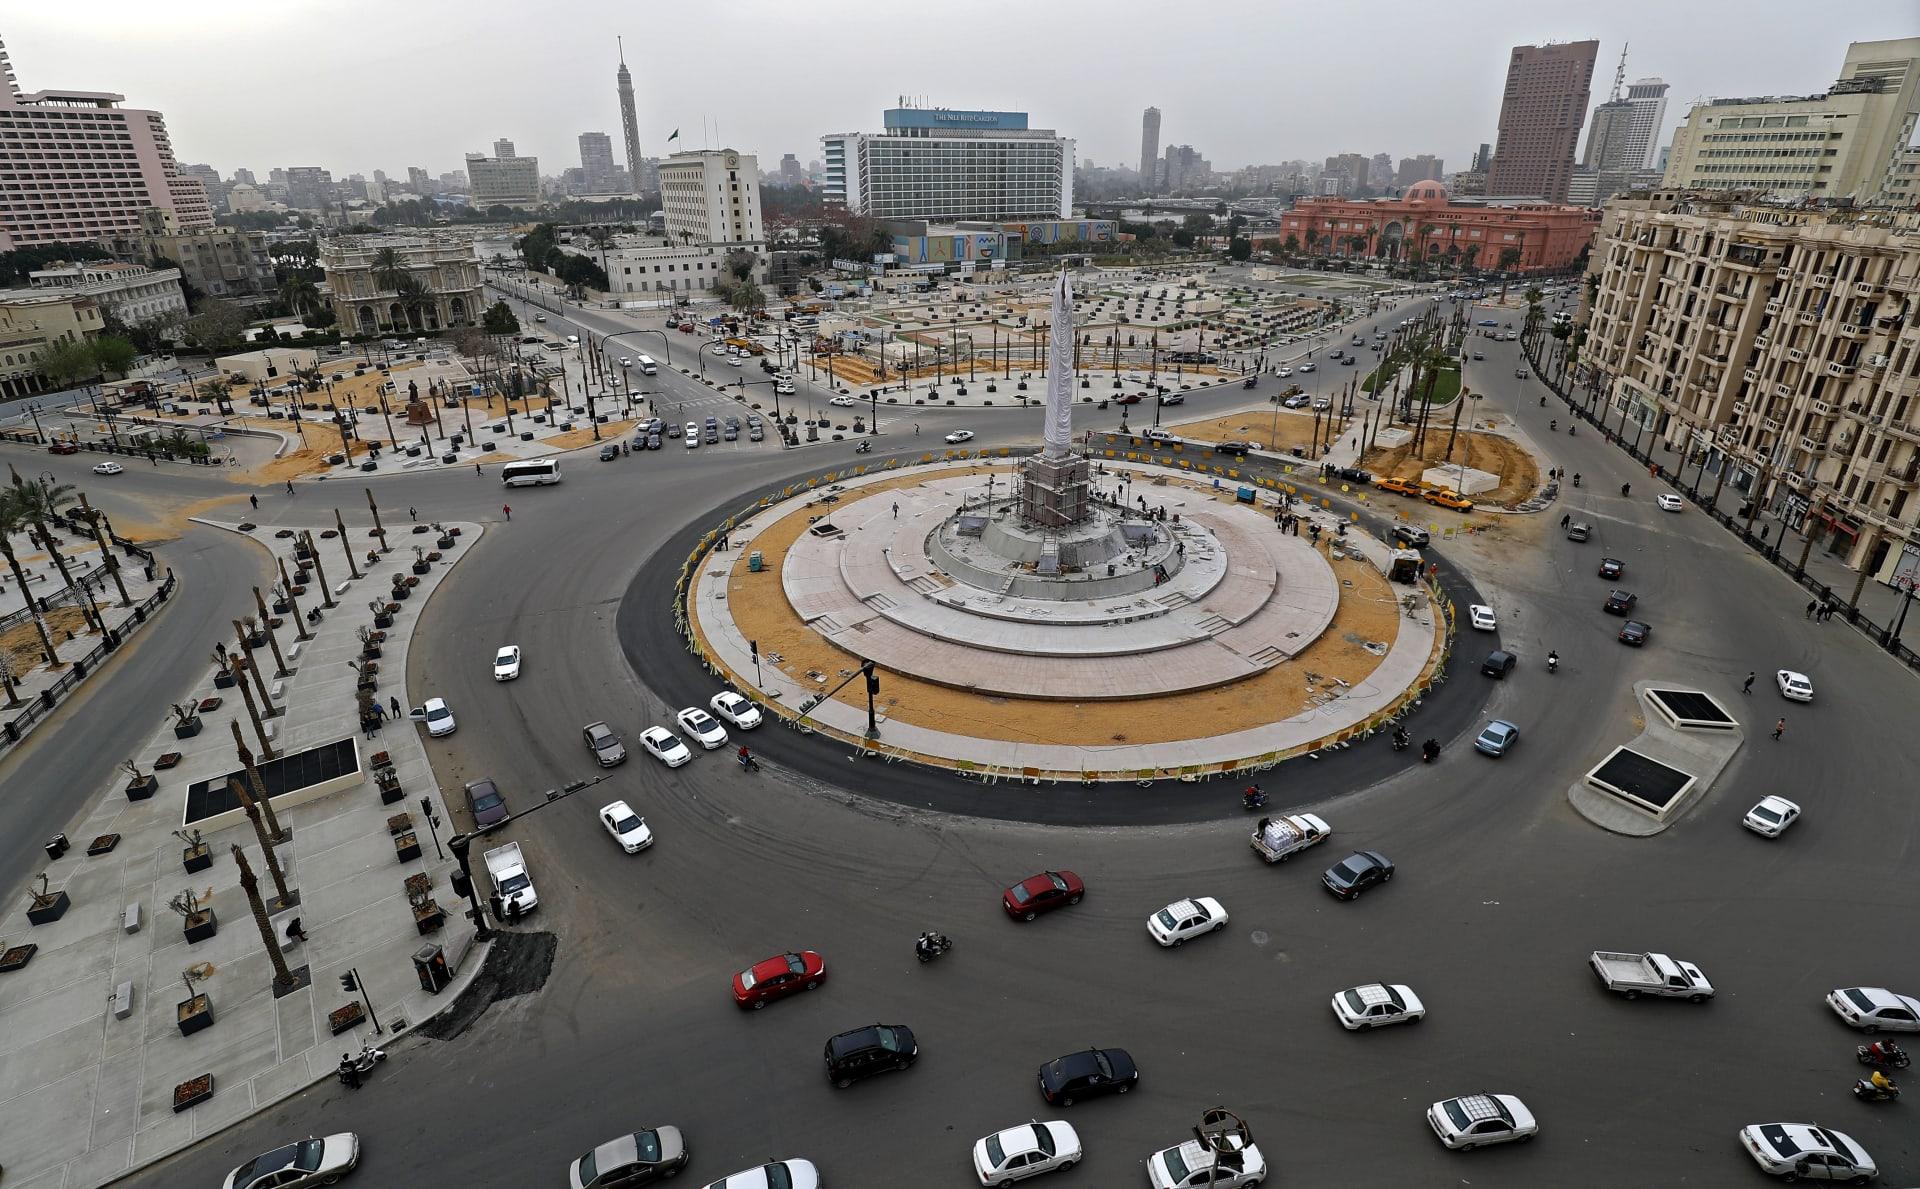 ميدان التحرير بوسط العاصمة المصرية القاهرة